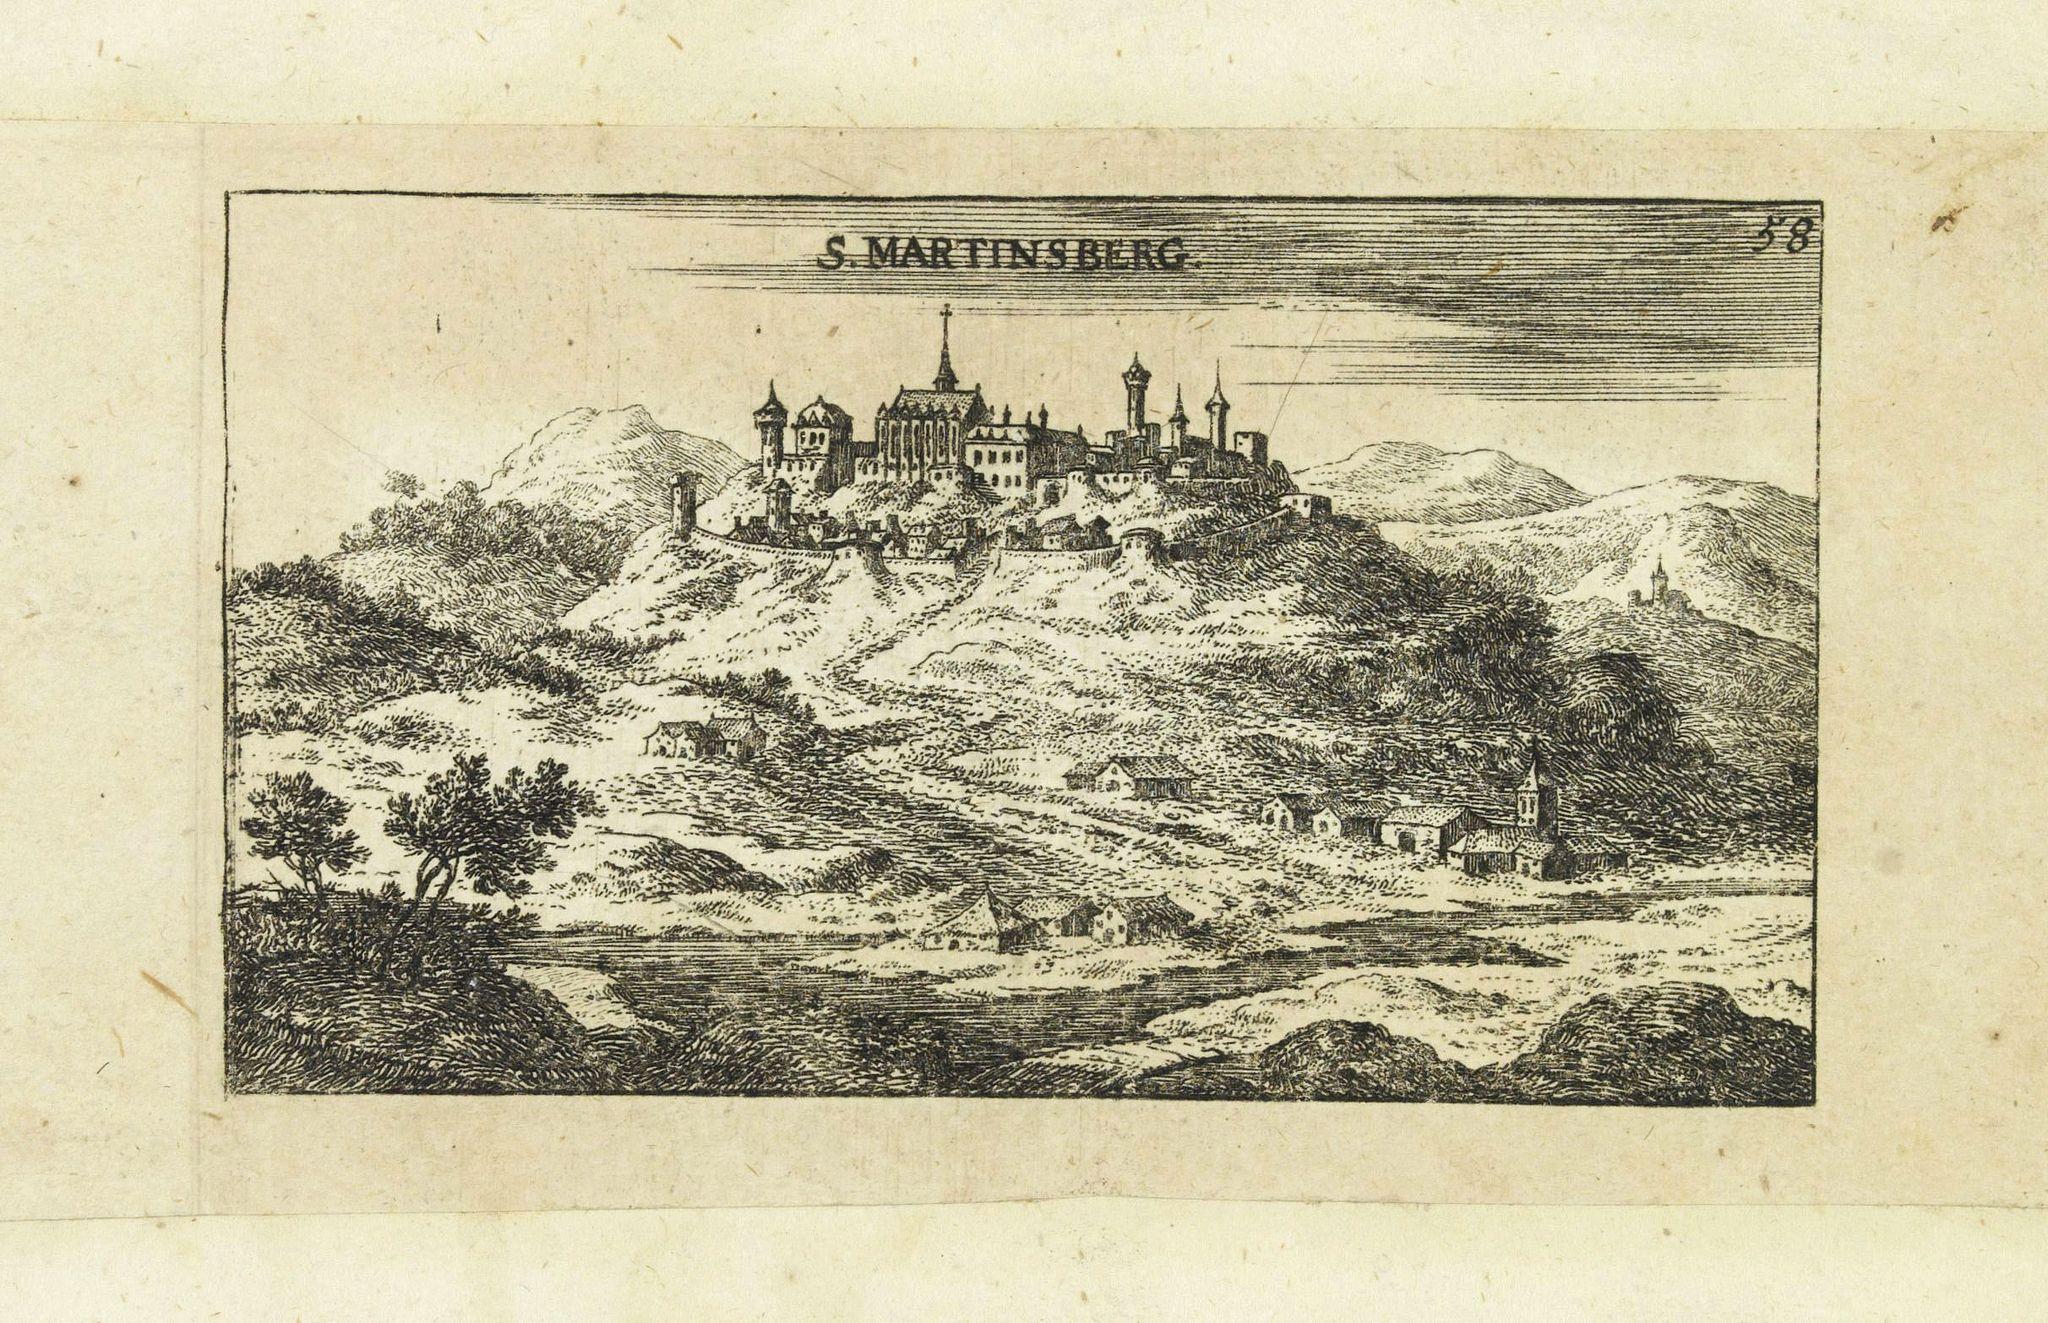 VON BIRKEN, S. -  S. Martinsberg.